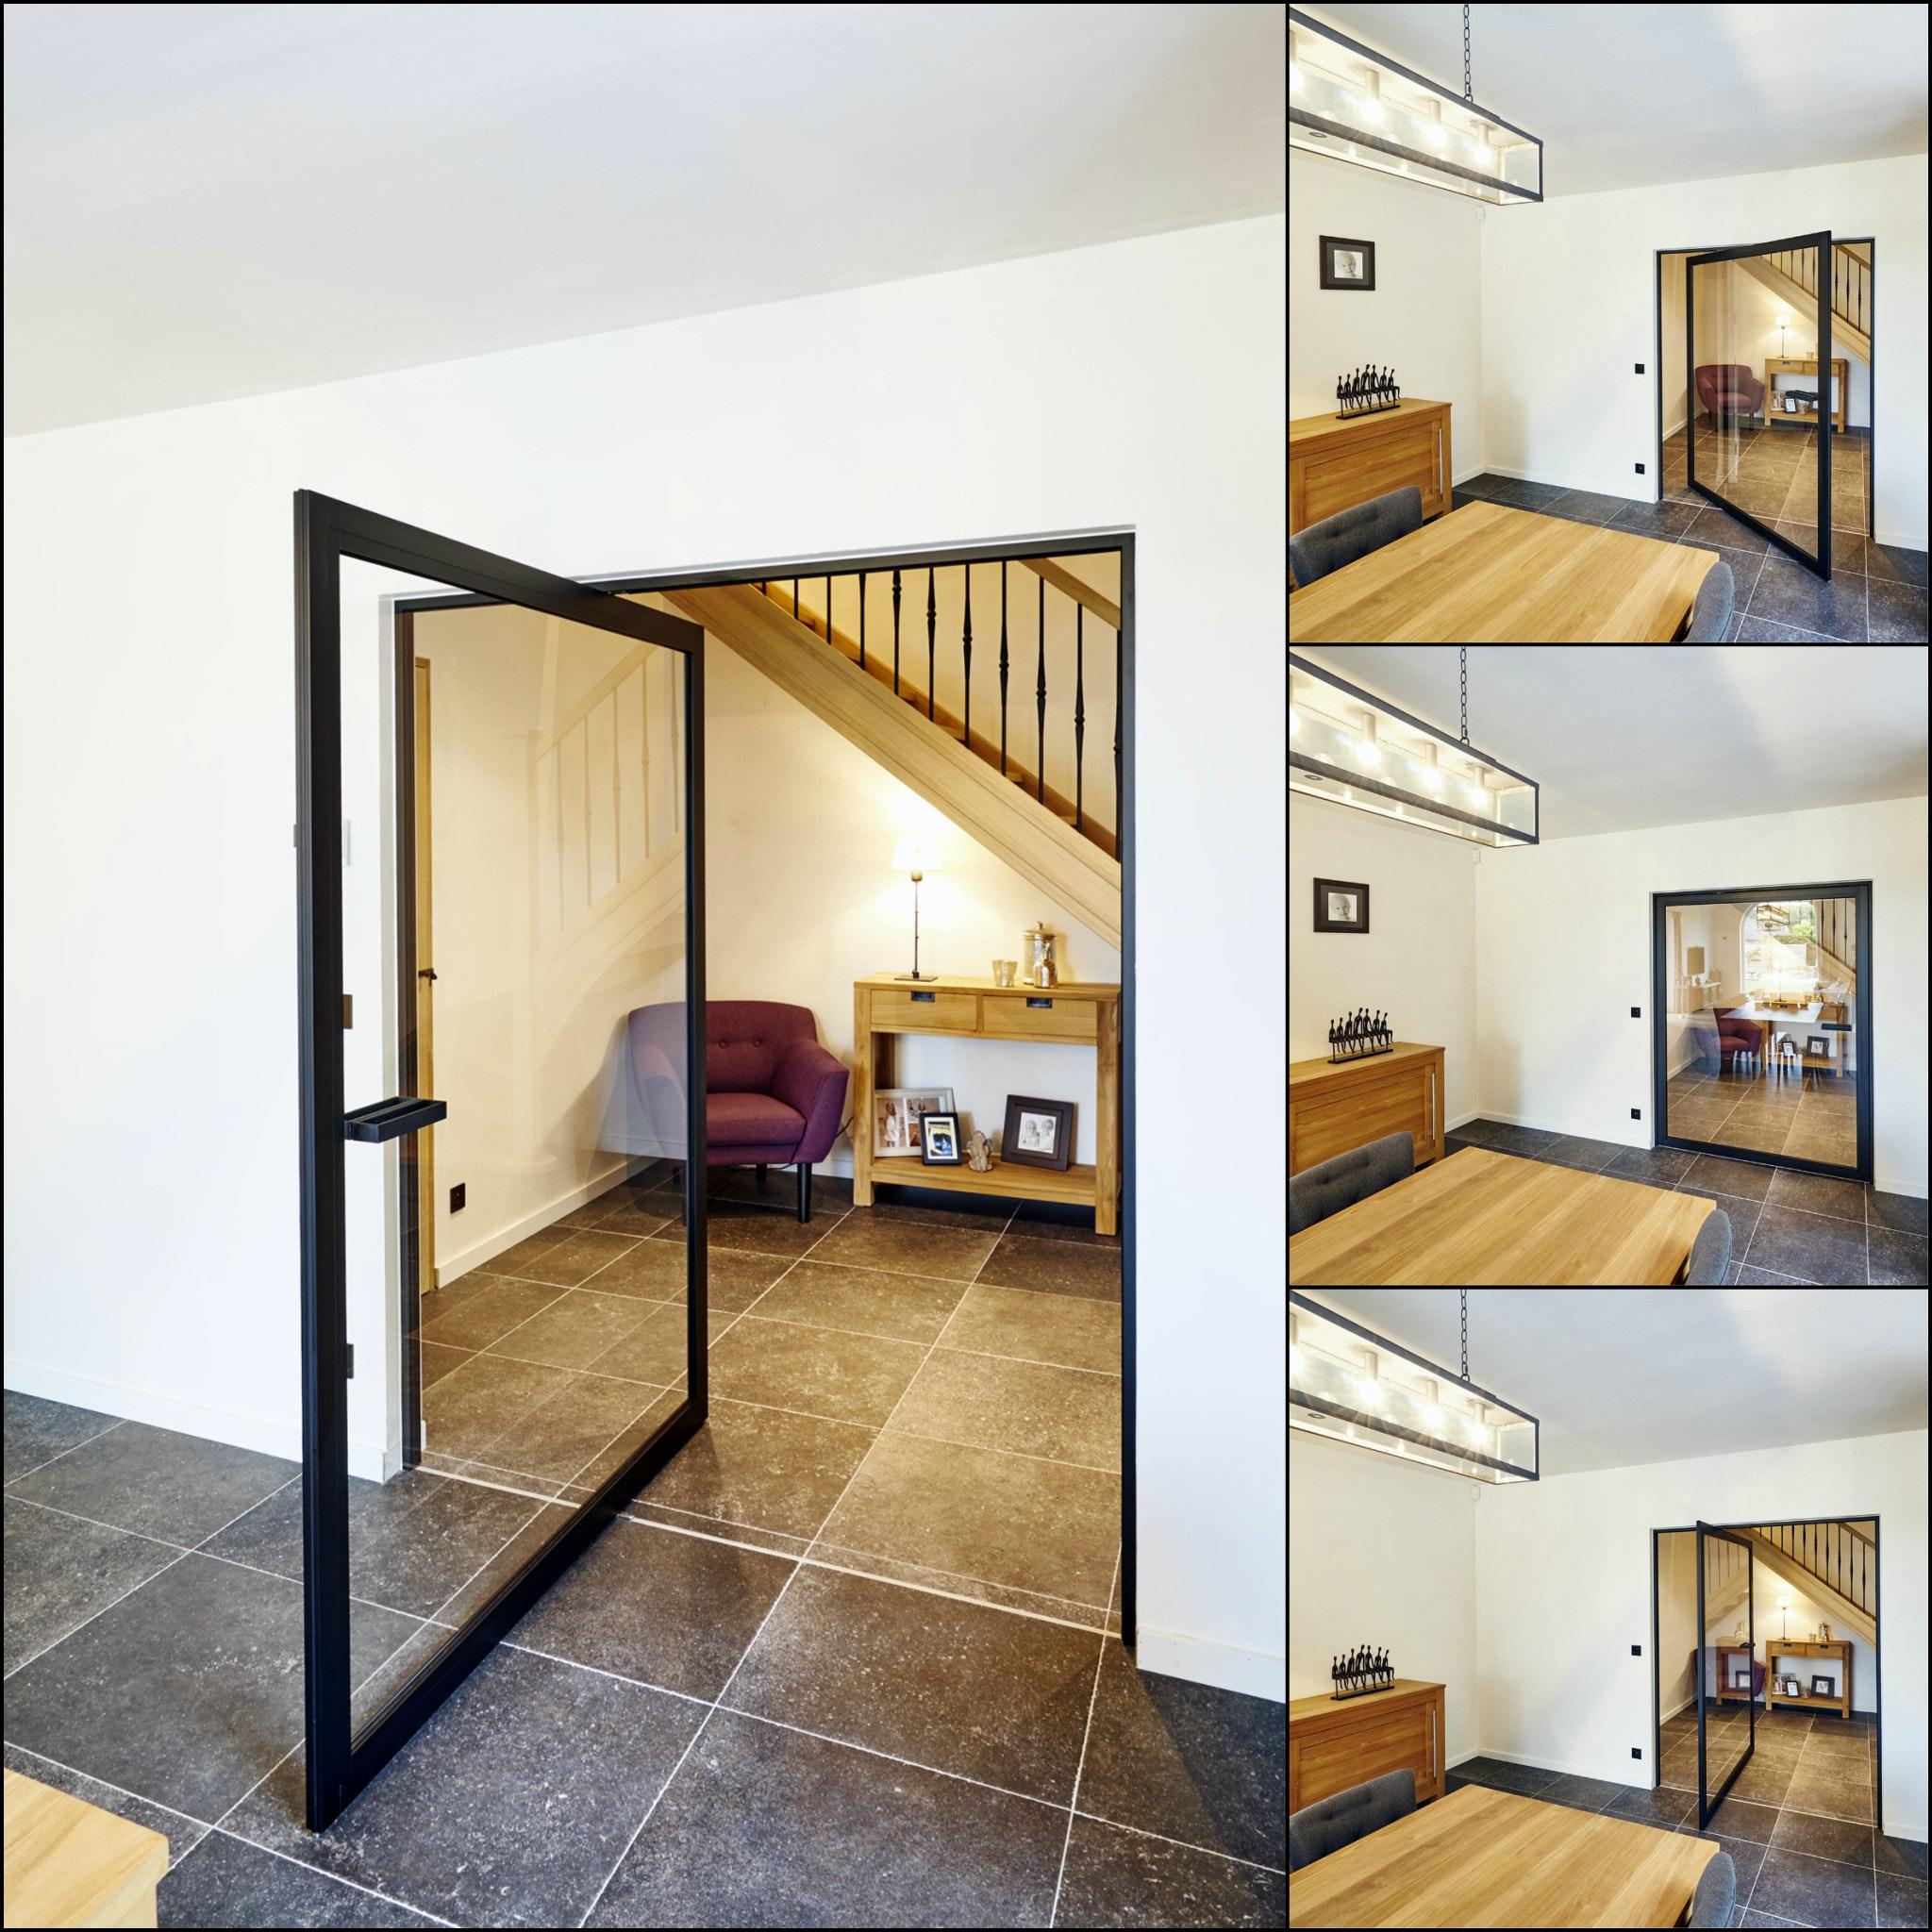 Steel Interior Door Concept With Pivoting Hinges